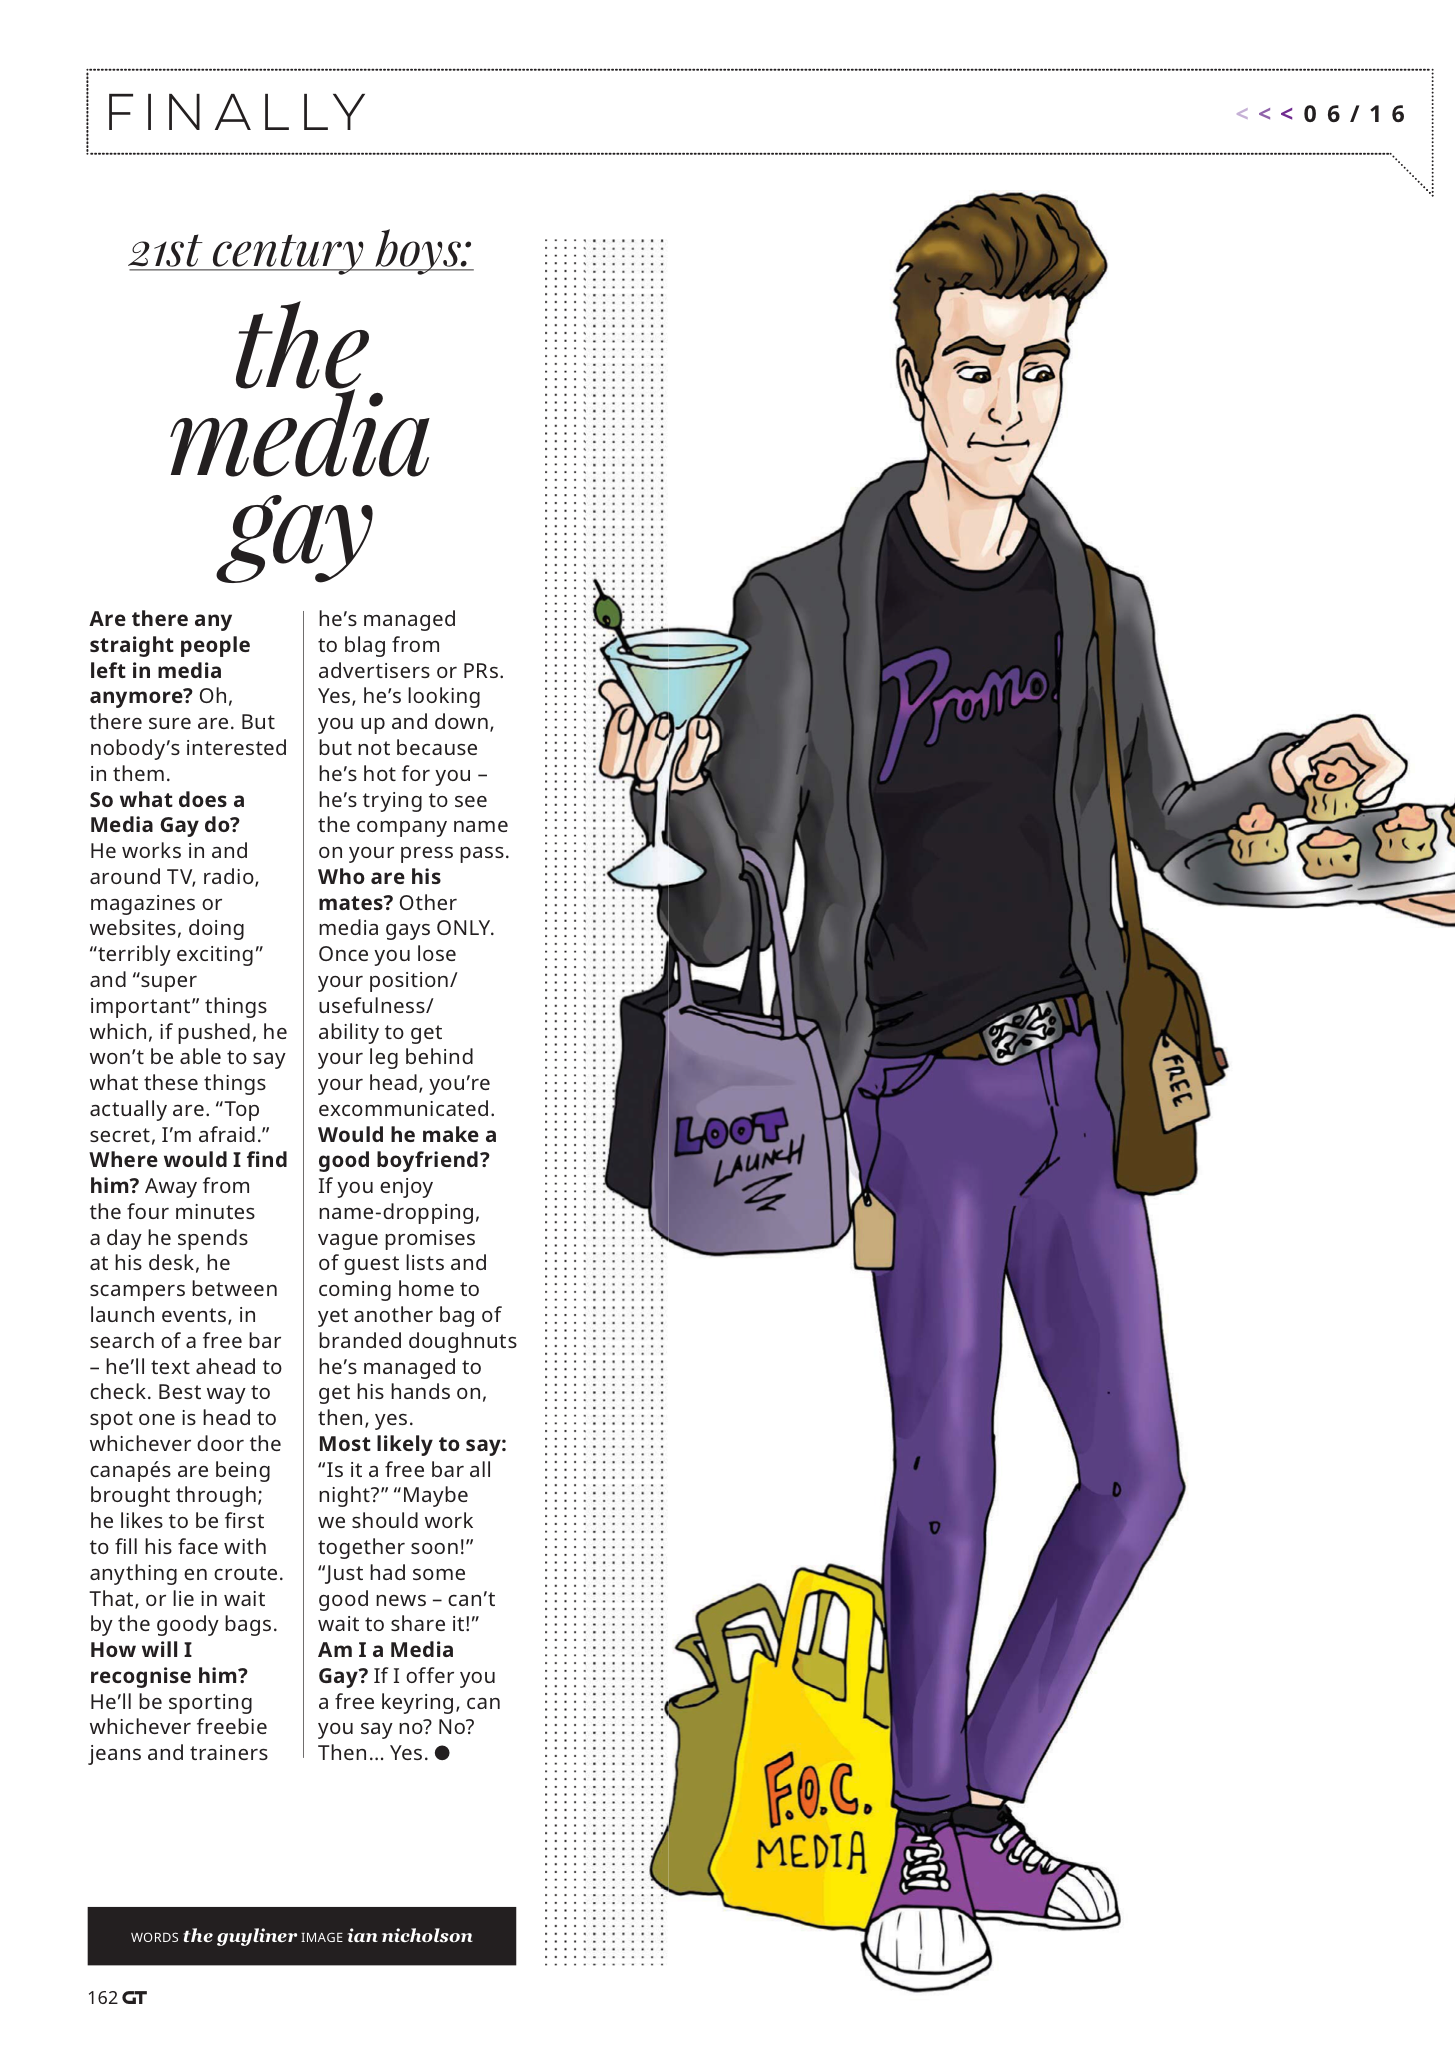 Illustration #8 Media Gay